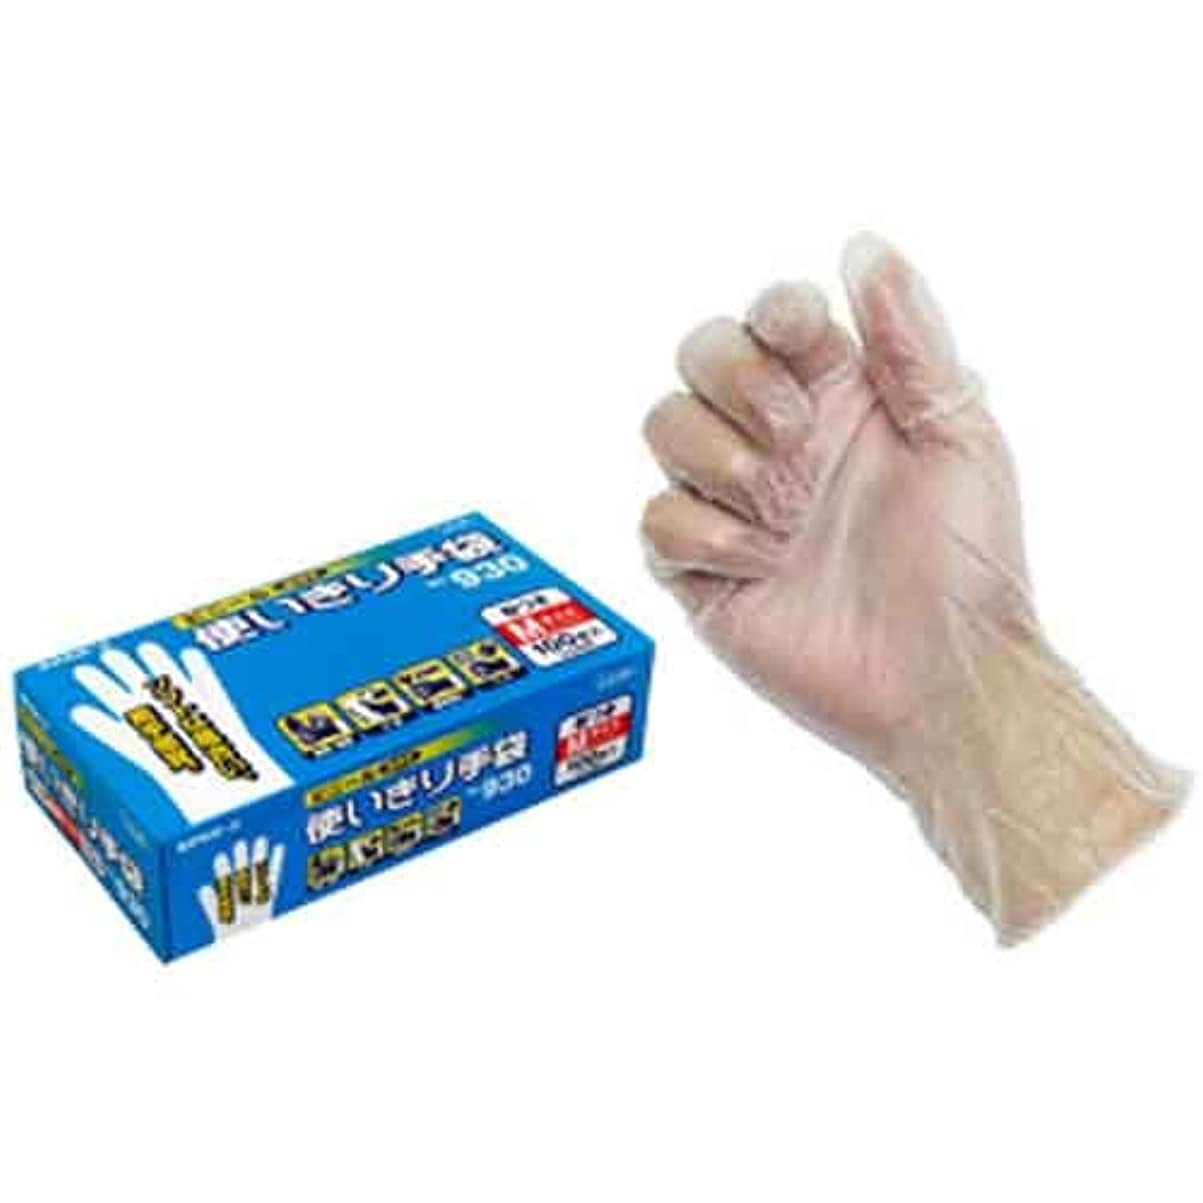 悲しみ冷蔵庫十一ビニール使いきり手袋(粉付)100枚入(箱) 930 S